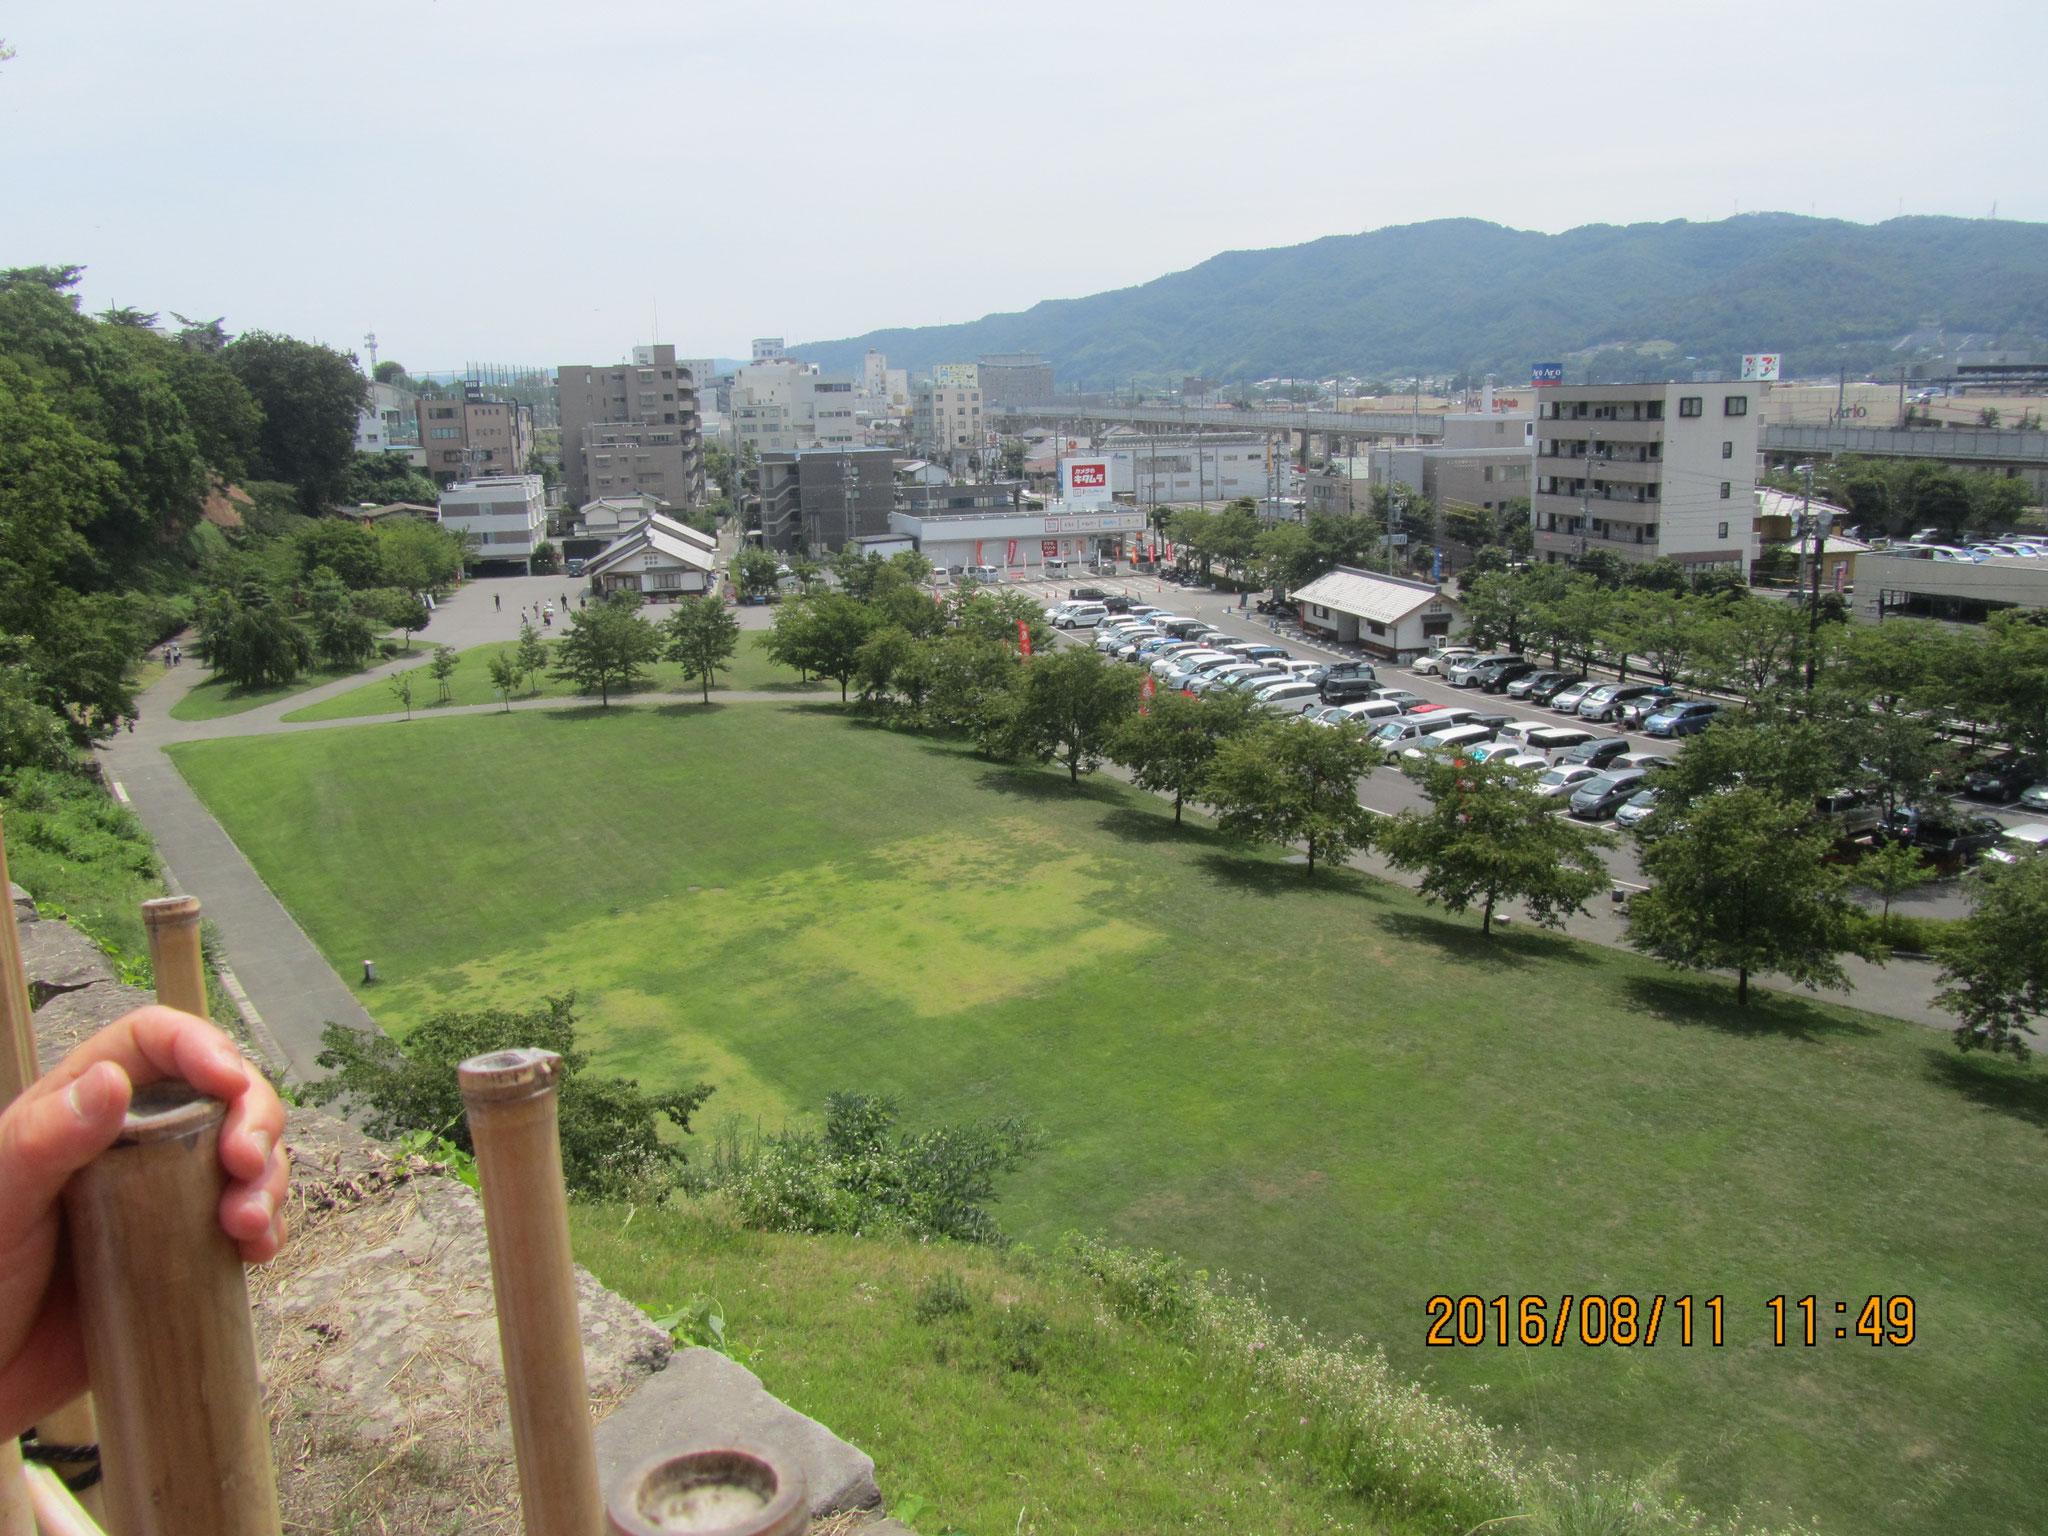 西櫓(にしやぐら)から尼ヶ淵(あまがふち)を望む。  往時は千曲川の分流を水堀(みずぼり)にしていました。  現在は公園になっています。